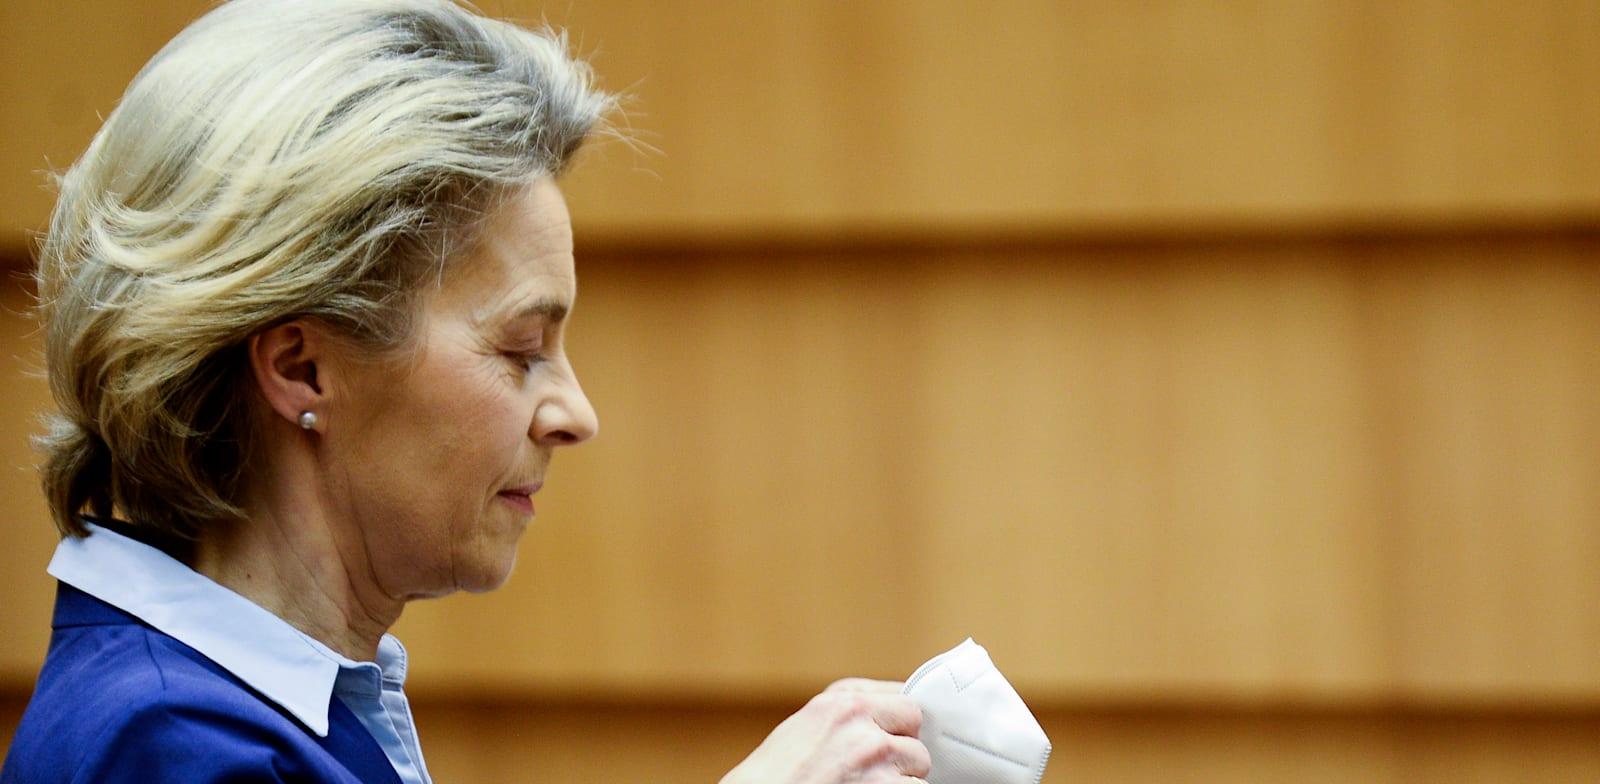 נשיאת הנציבות האירופית, אורסולה פון דר לאיין / צילום: Associated Press, Johanna Geron